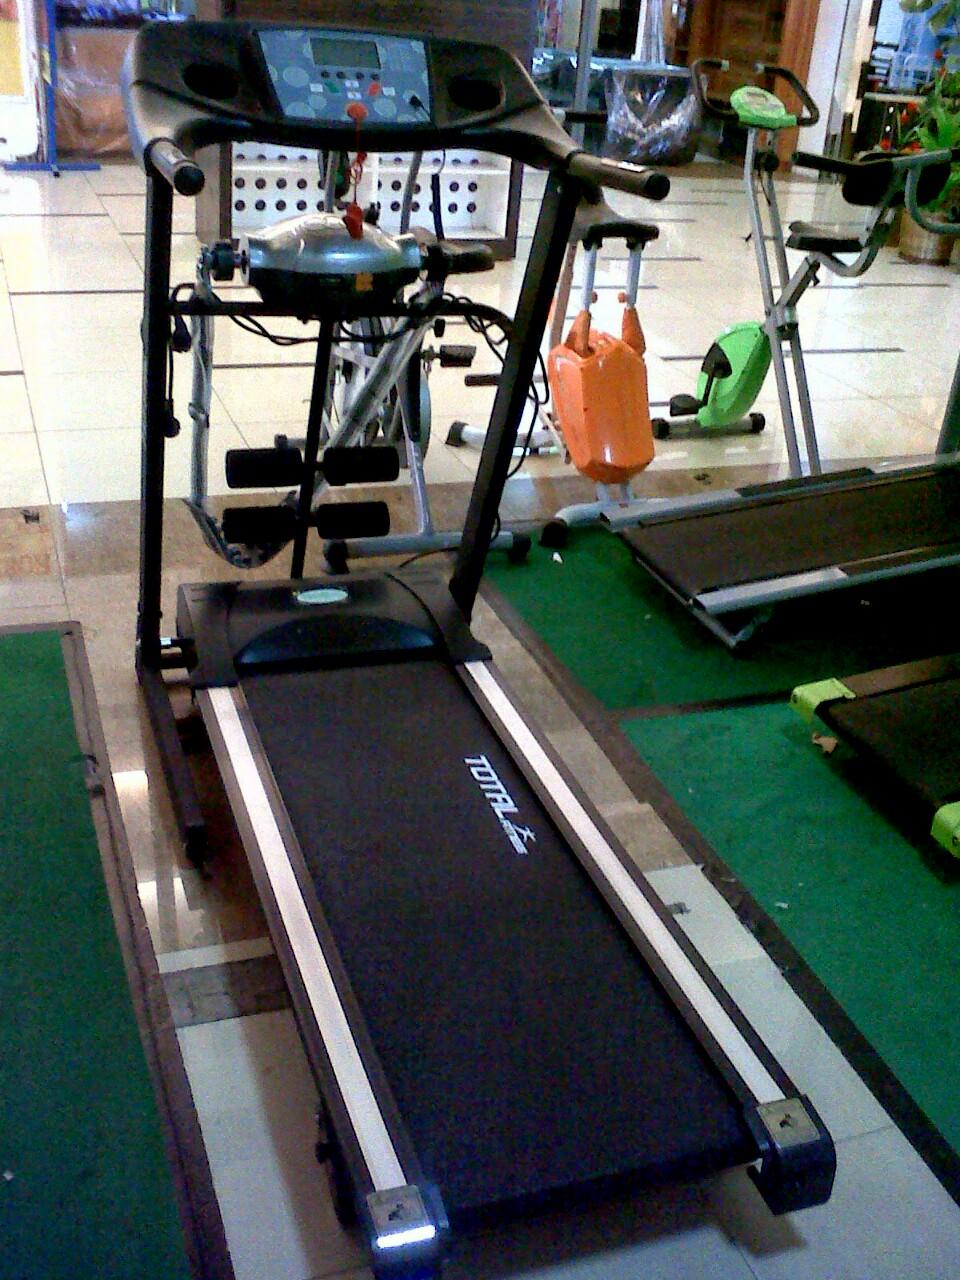 Pusat Alat Fitness Di Semarang Total Sepeda Orbitrack Multifungsi Orb2000s Jual Treadmill Semarangjual Murah Semarangpusat